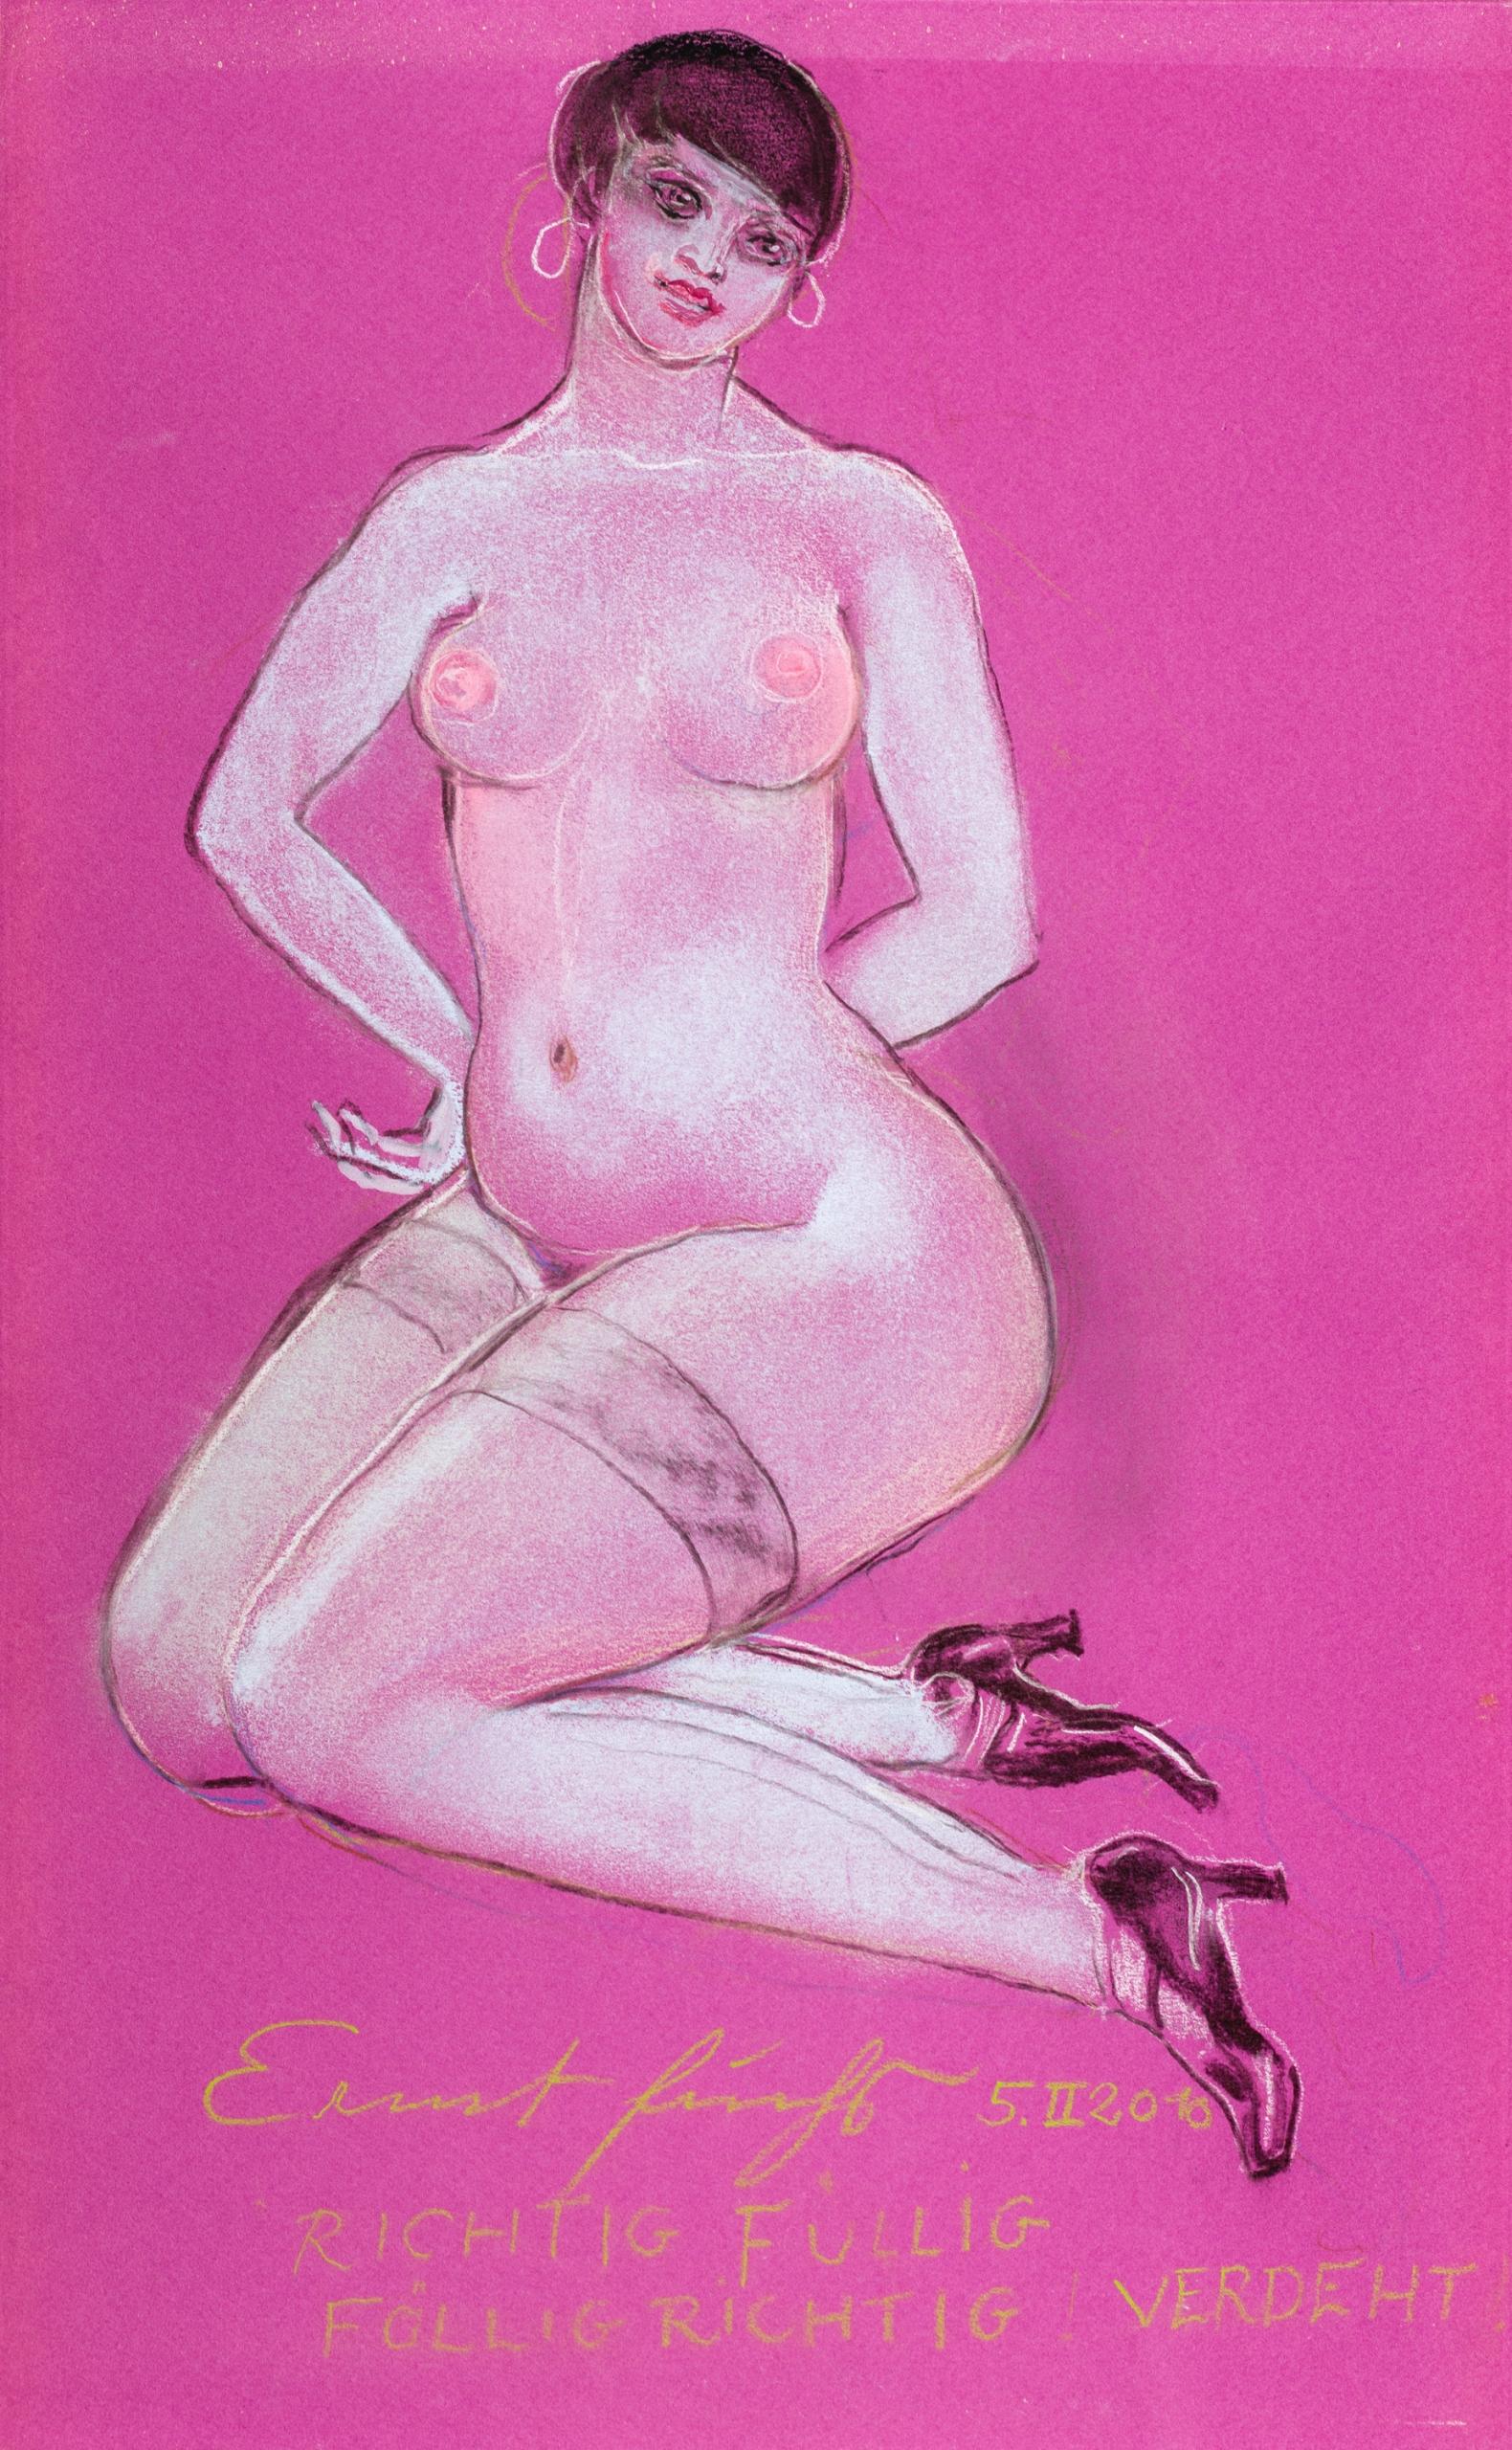 Ernst Fuchs, Richtig füllig füllig richtig verd(r)eht